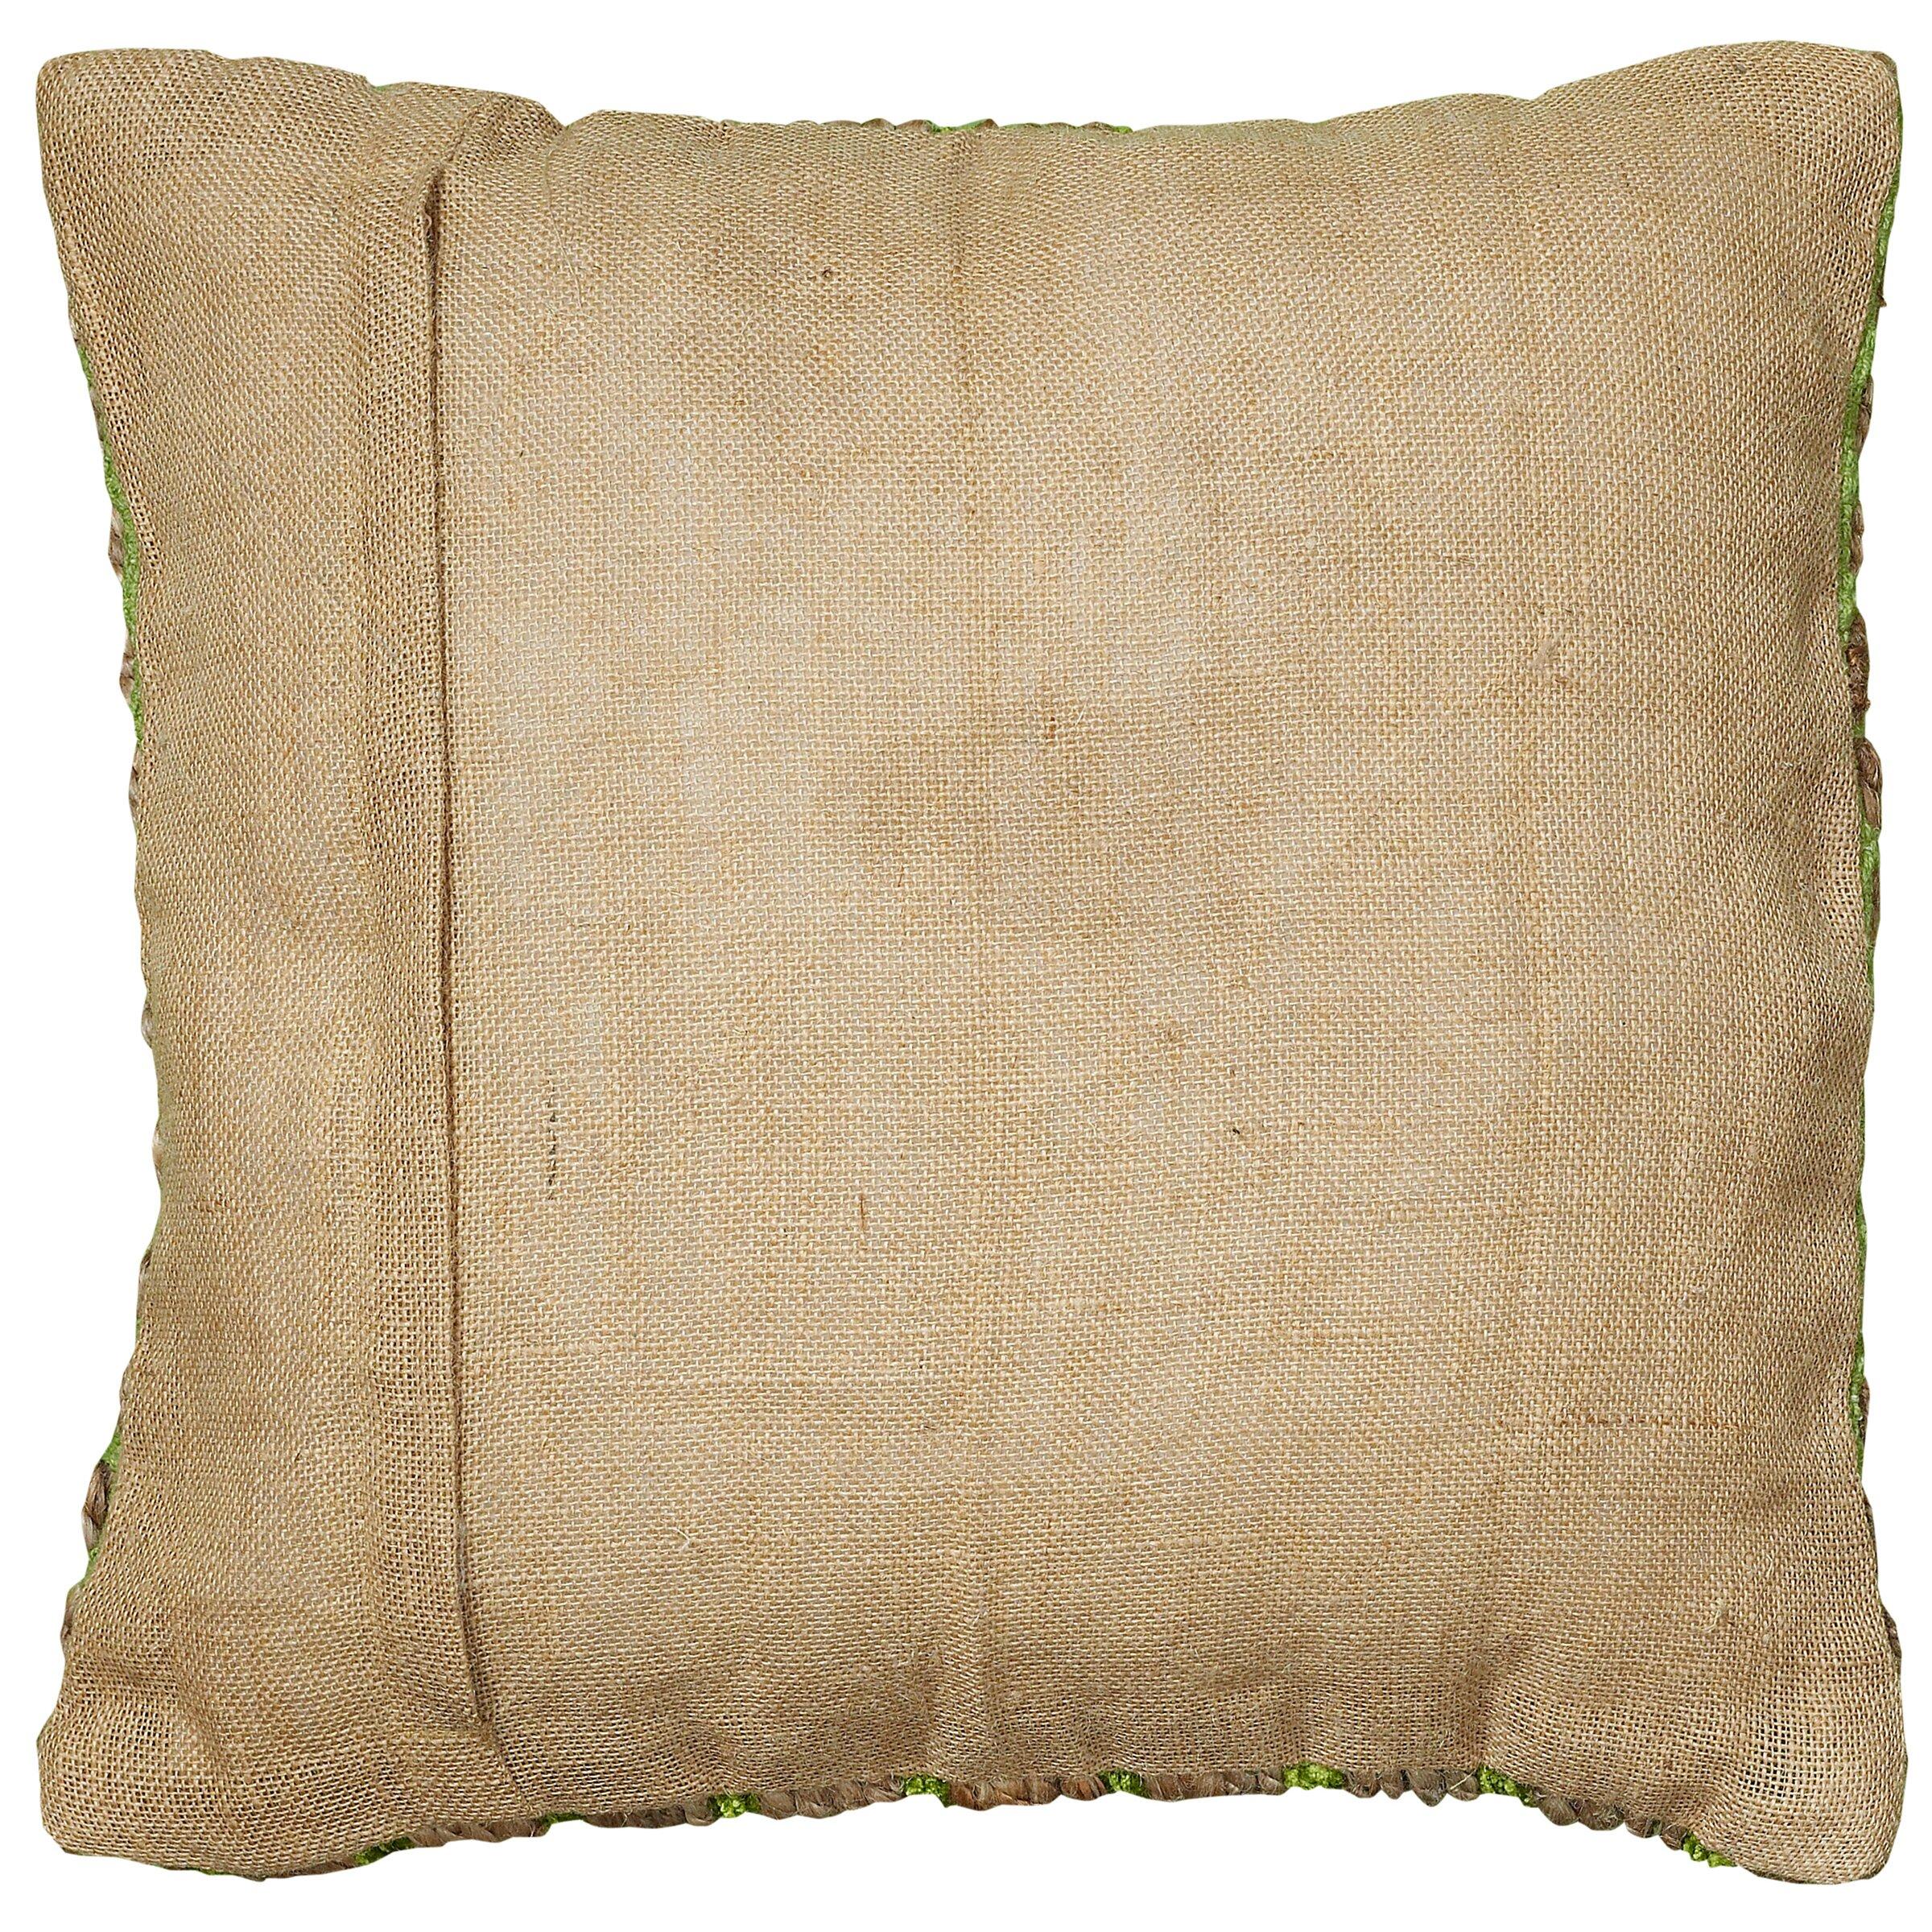 LR Resources Natural Fiber Throw Pillow & Reviews | Wayfair - LR Resources Natural Fiber Throw Pillow